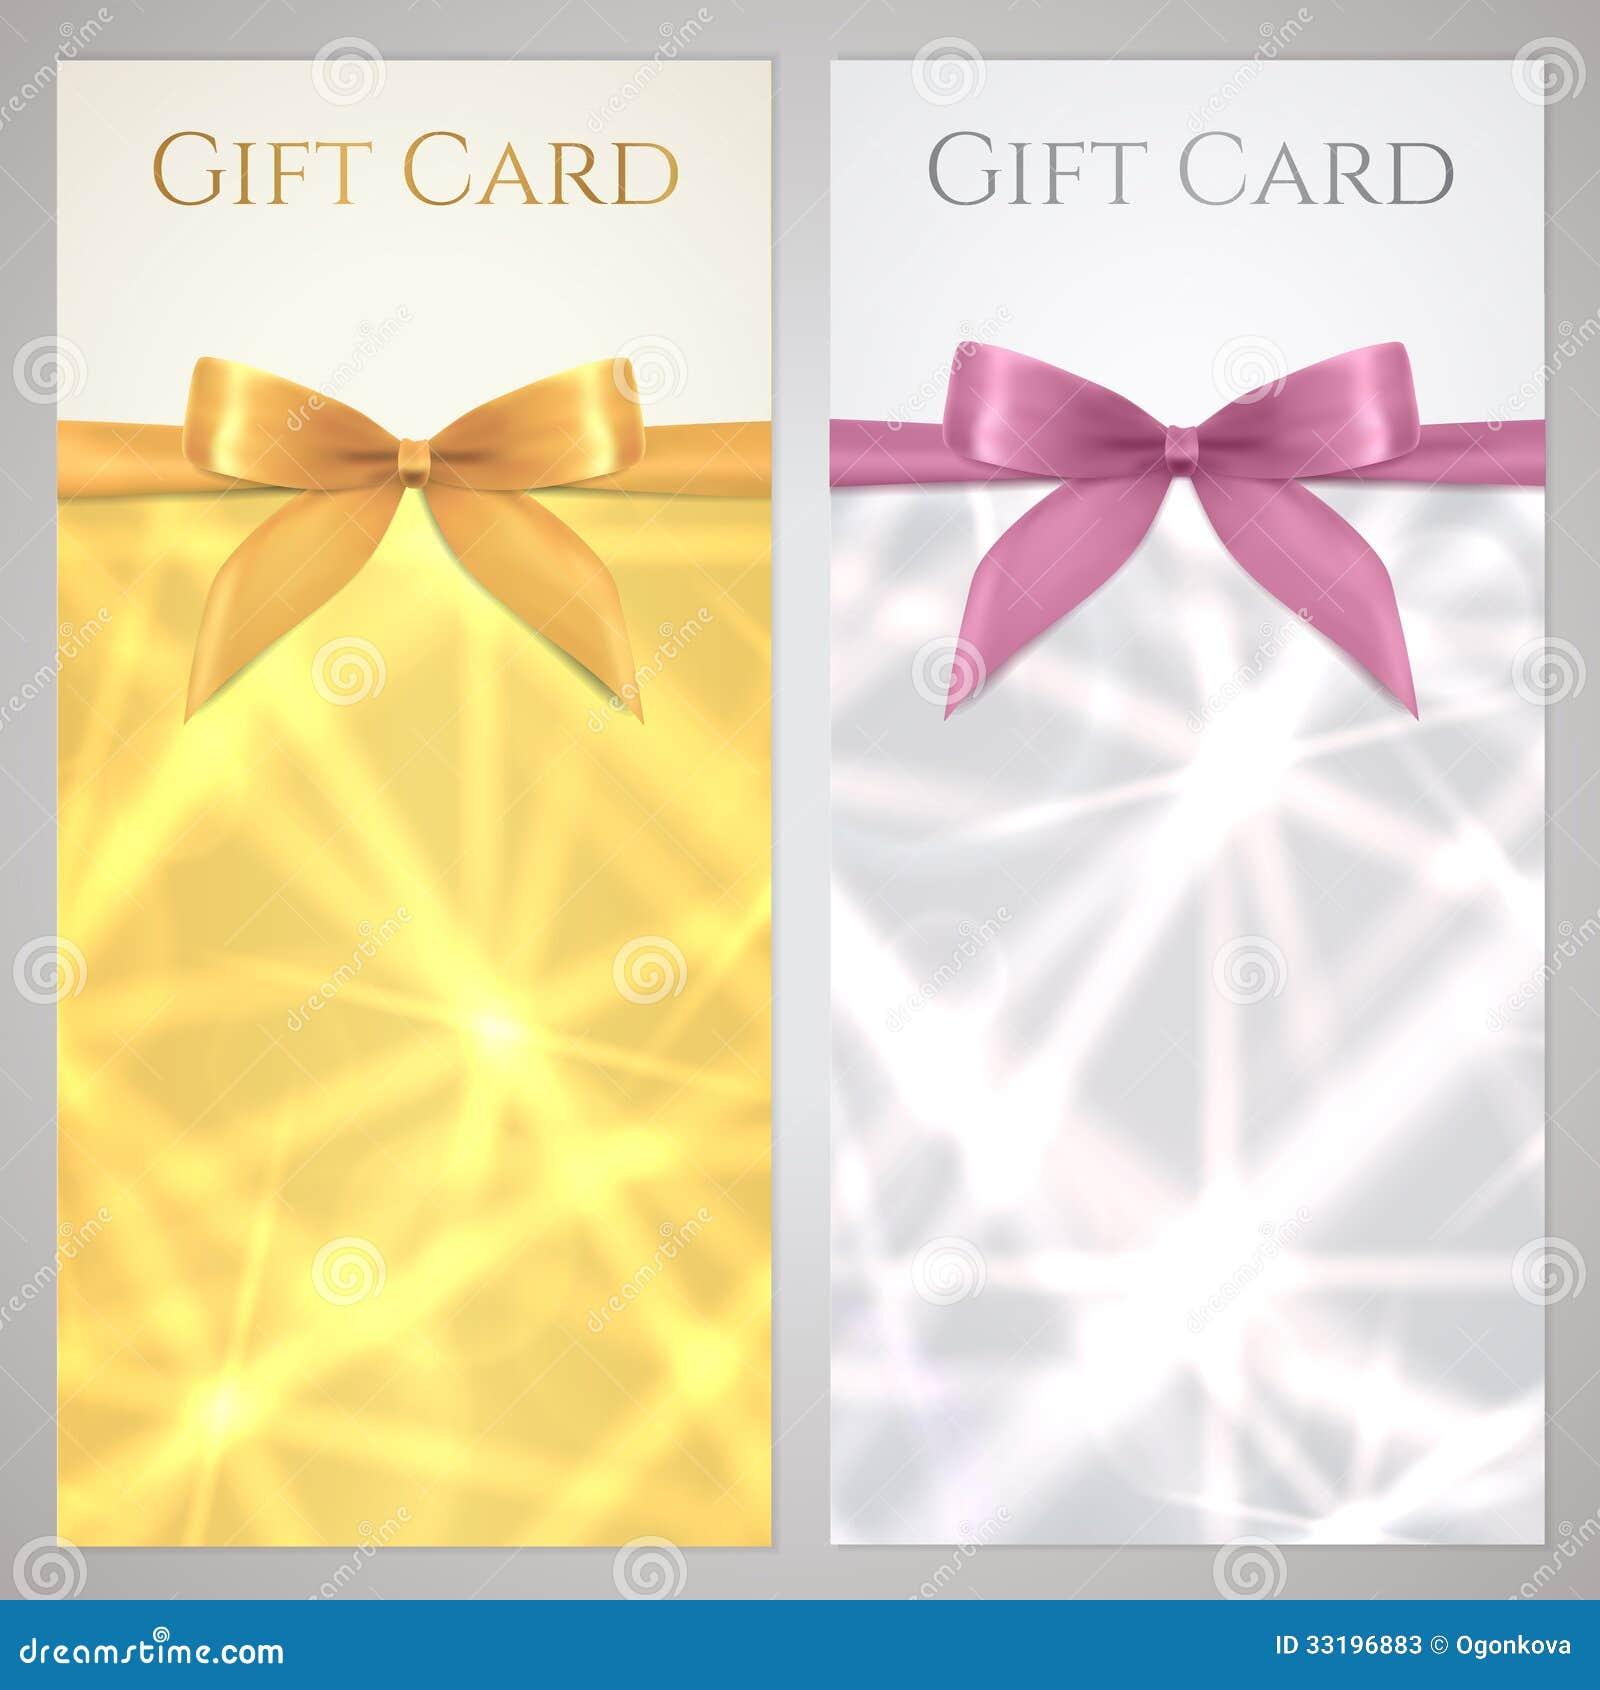 Buono, buono, buono regalo, carta di regalo. Stella